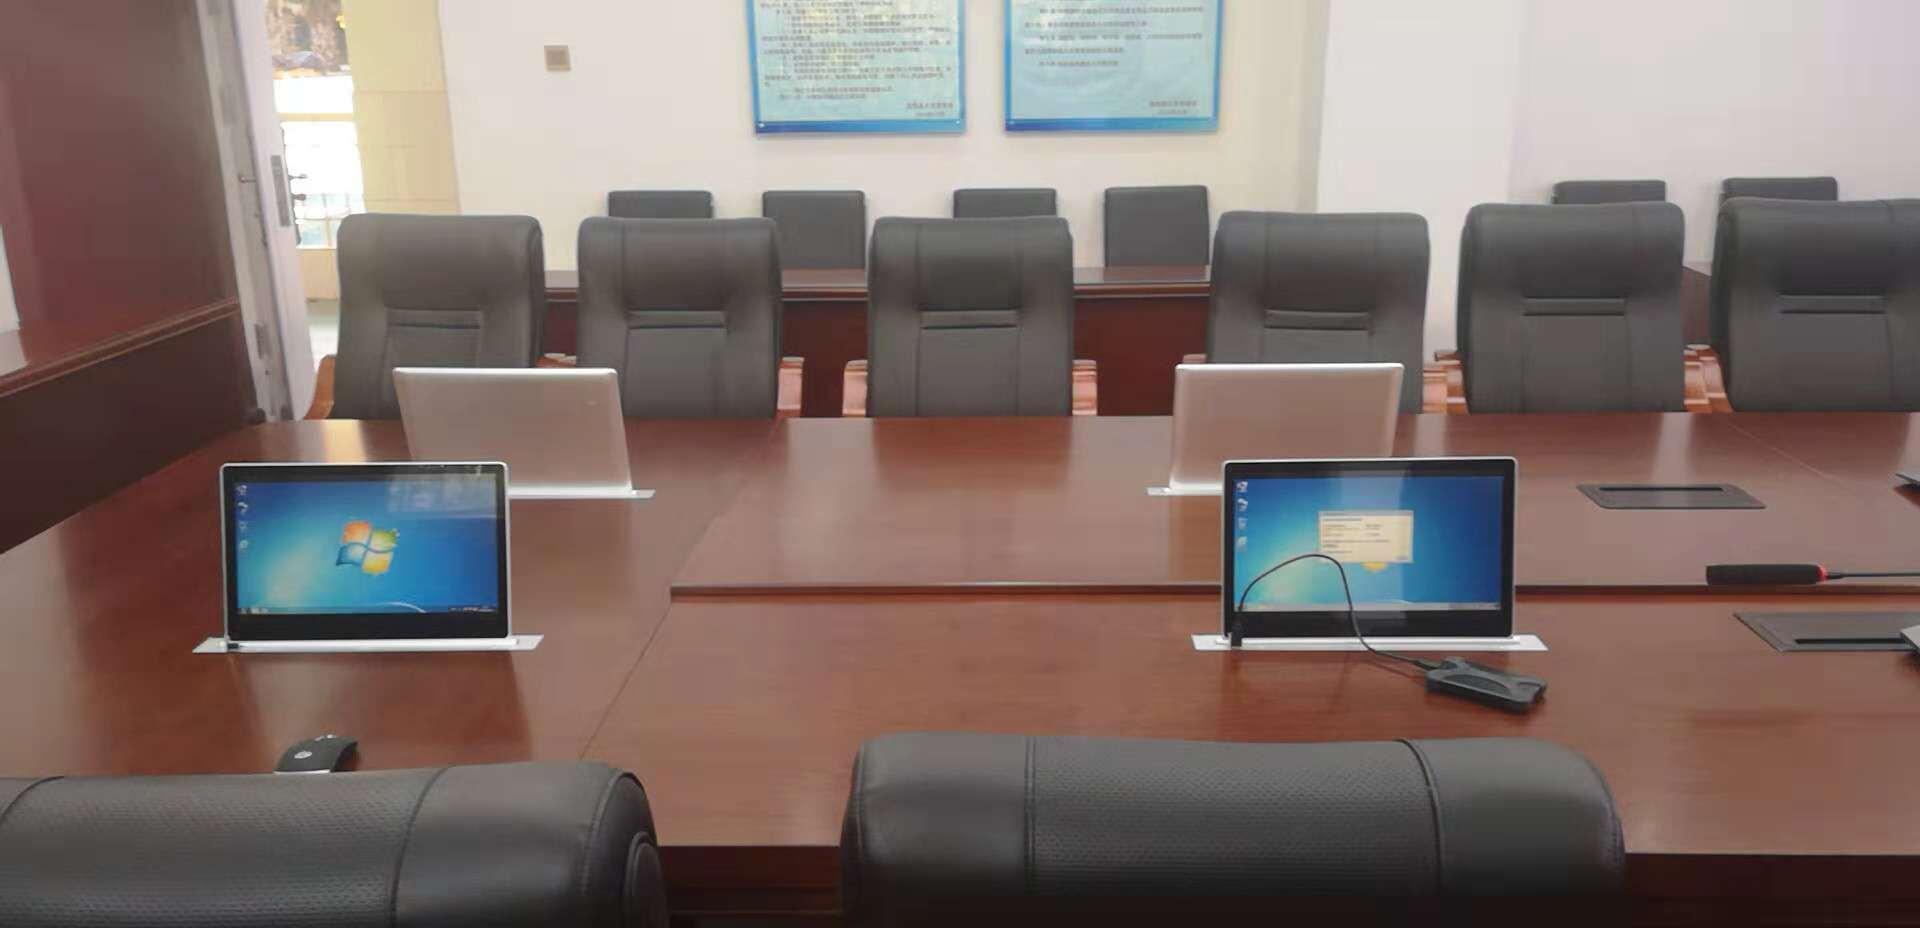 云南省嵩明县人大常委办公室预算联网监督中心